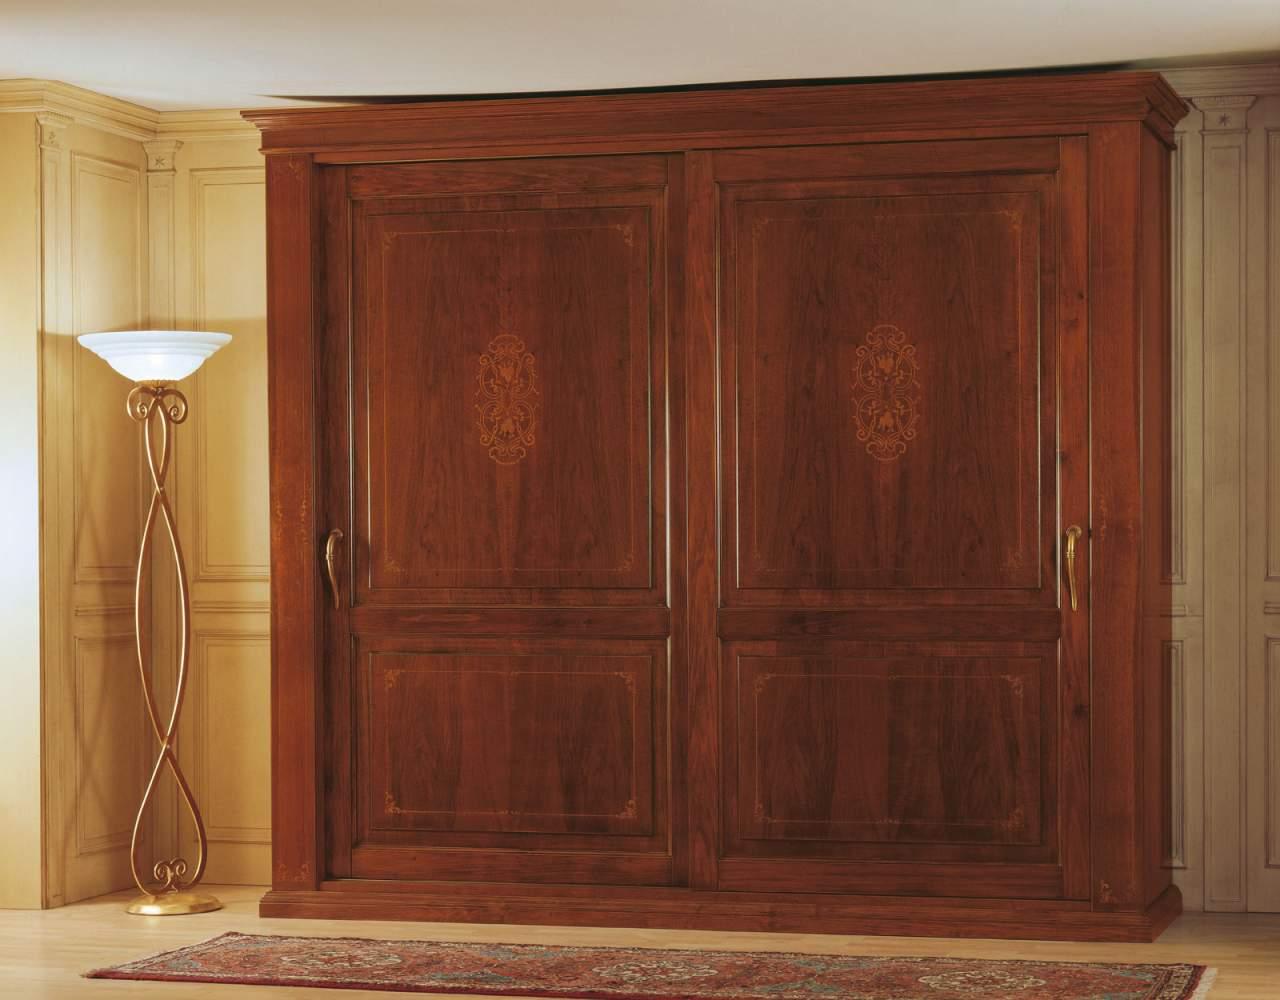 Camera da letto 800 francese, armadio due ante scorrevoli